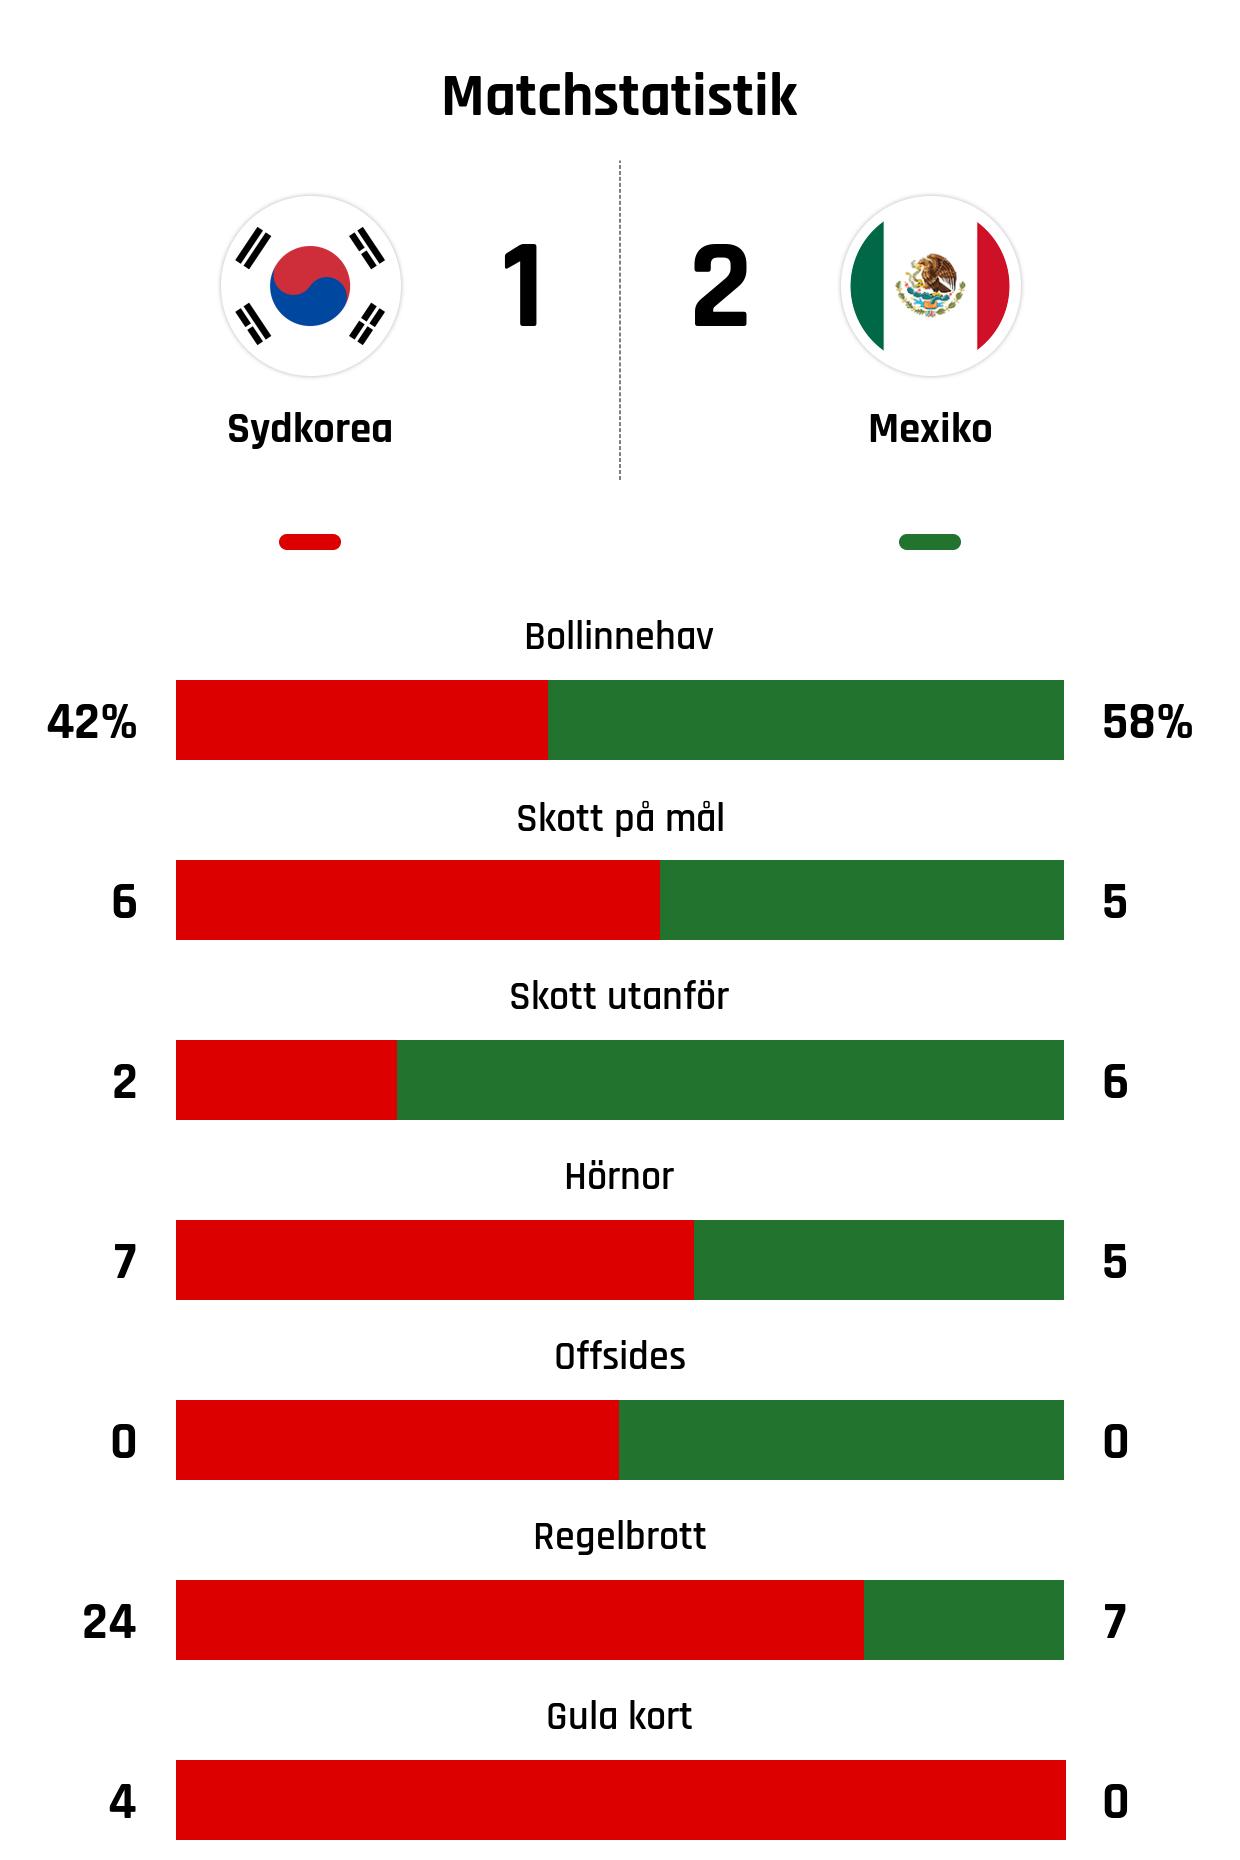 Bollinnehav 42%-58%<br /> Skott på mål 6-5<br /> Skott utanför 2-6<br /> Hörnor 7-5<br /> Offsides 0-0<br /> Regelbrott 24-7<br /> Gula kort 4-0